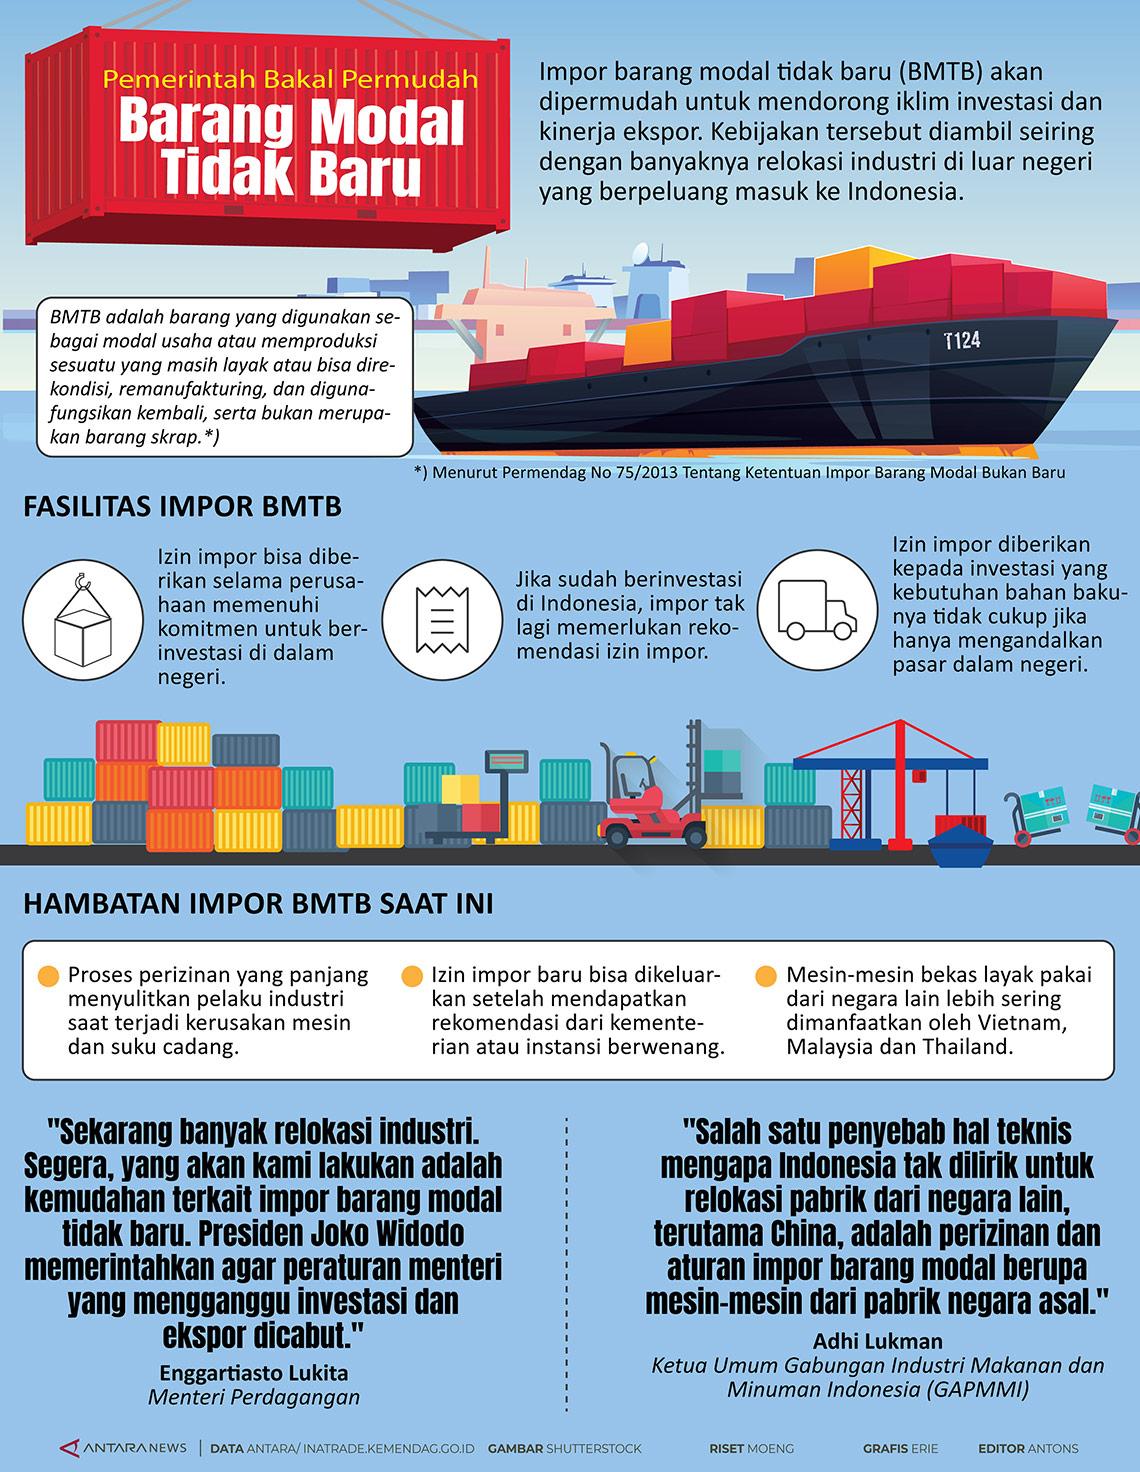 Impor barang modal tidak baru bakal dipermudah